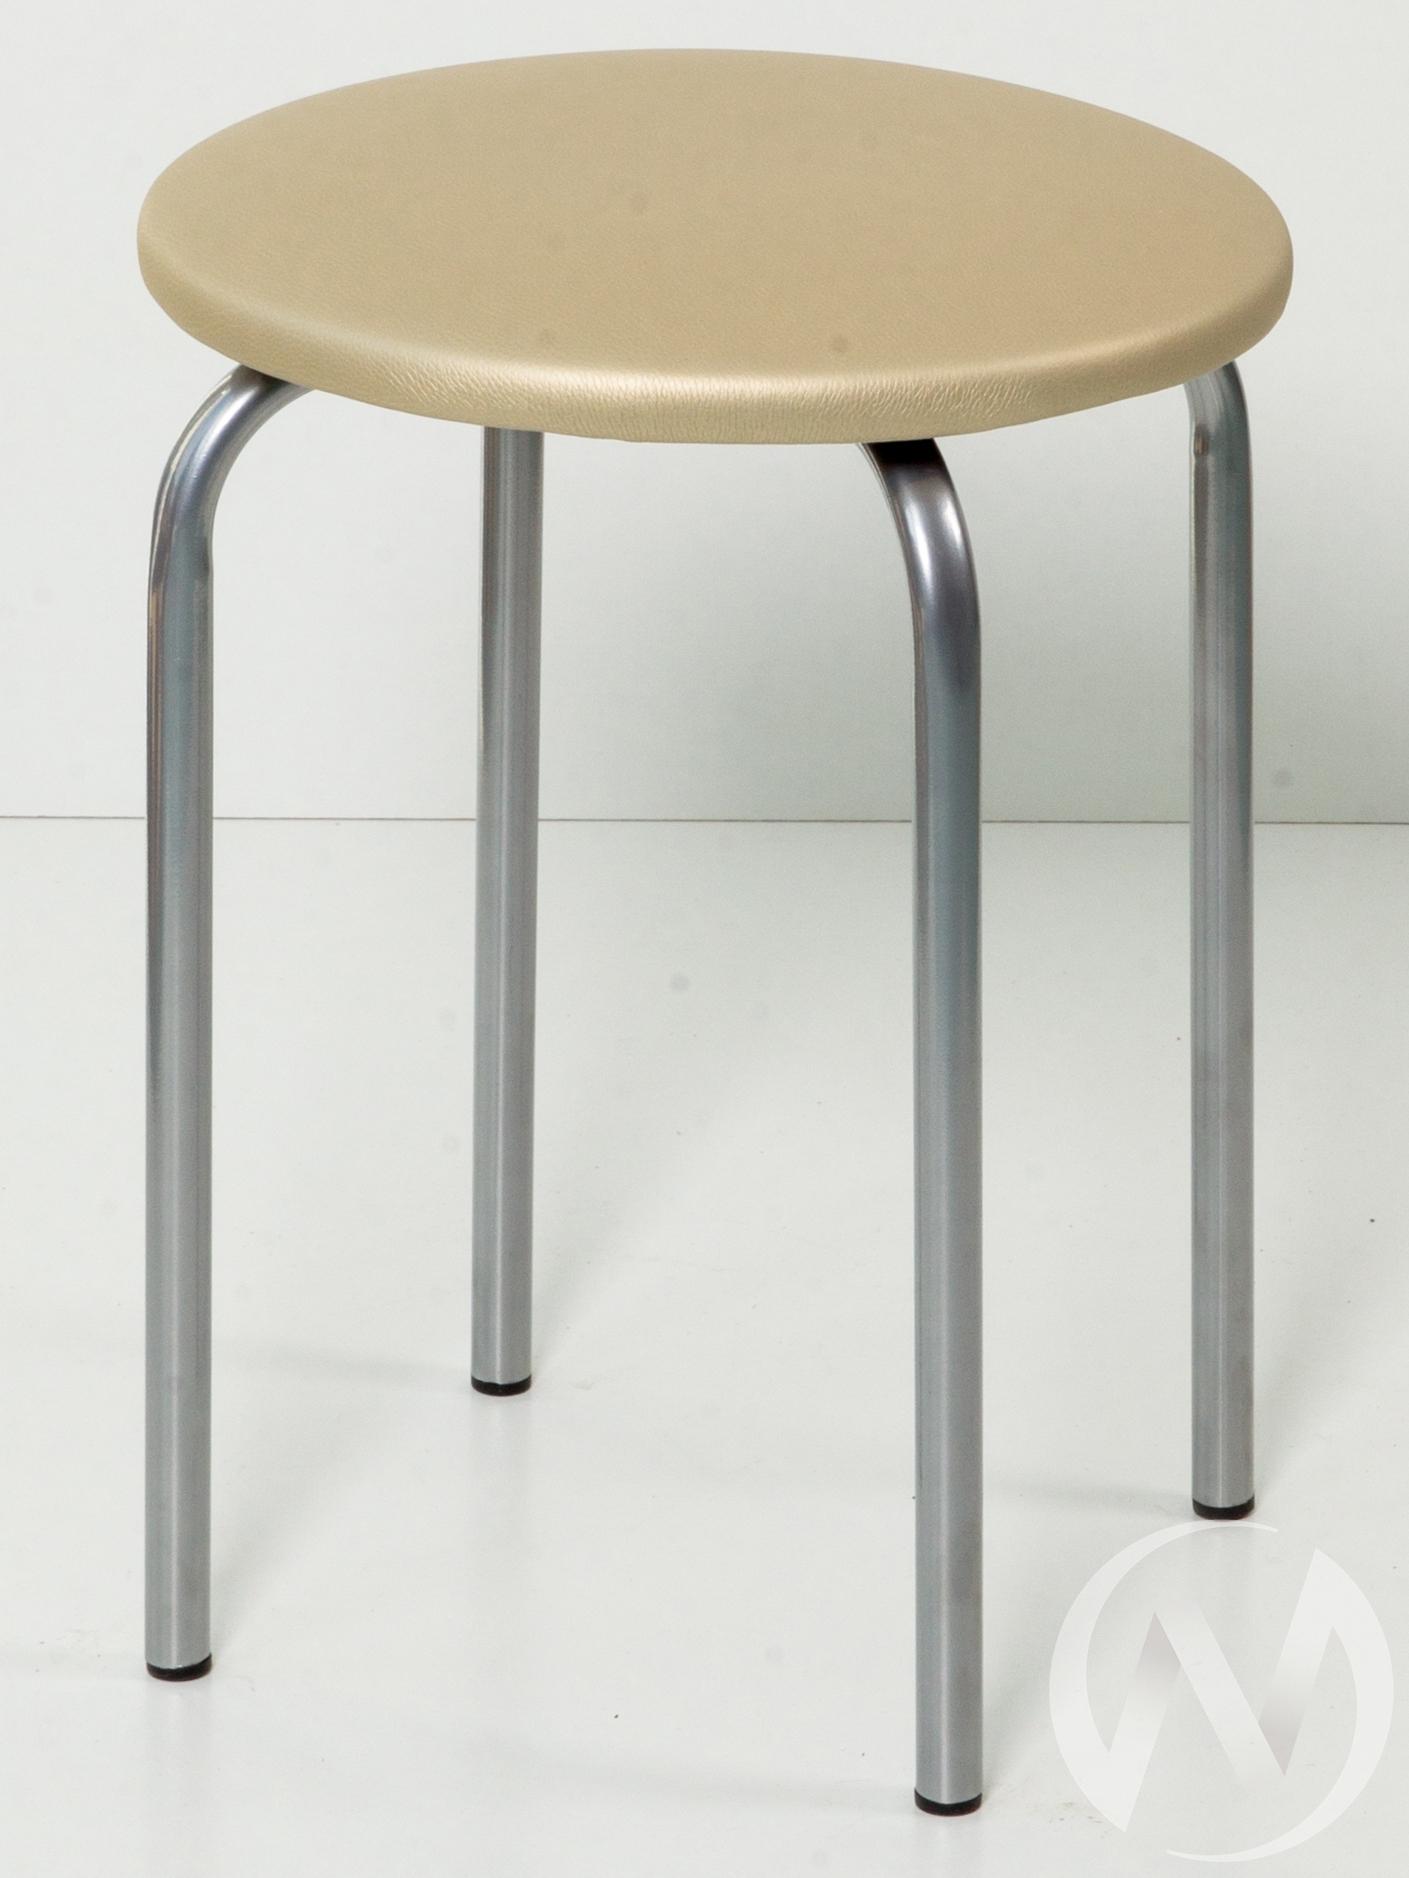 """Табурет """"Лотос"""" (серебро/С-101) комплект 2 шт.  в Томске — интернет магазин МИРА-мебель"""